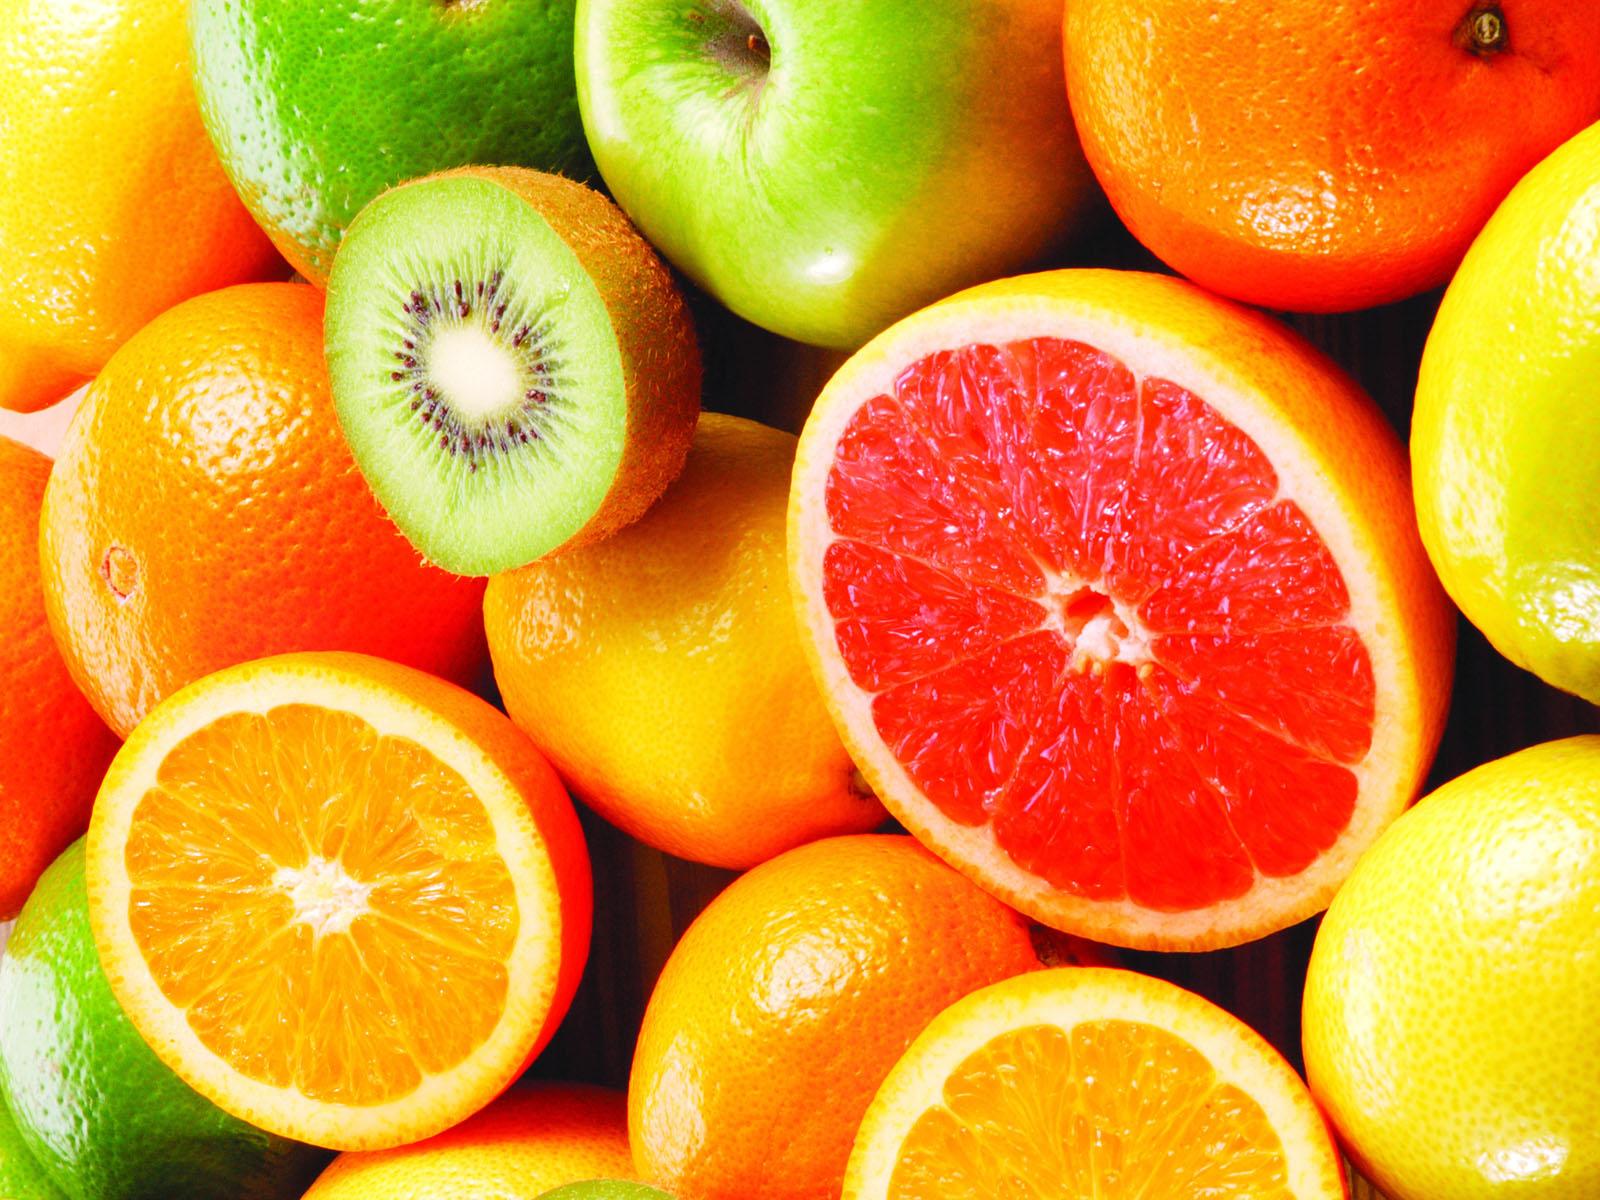 3635-fruit-photo